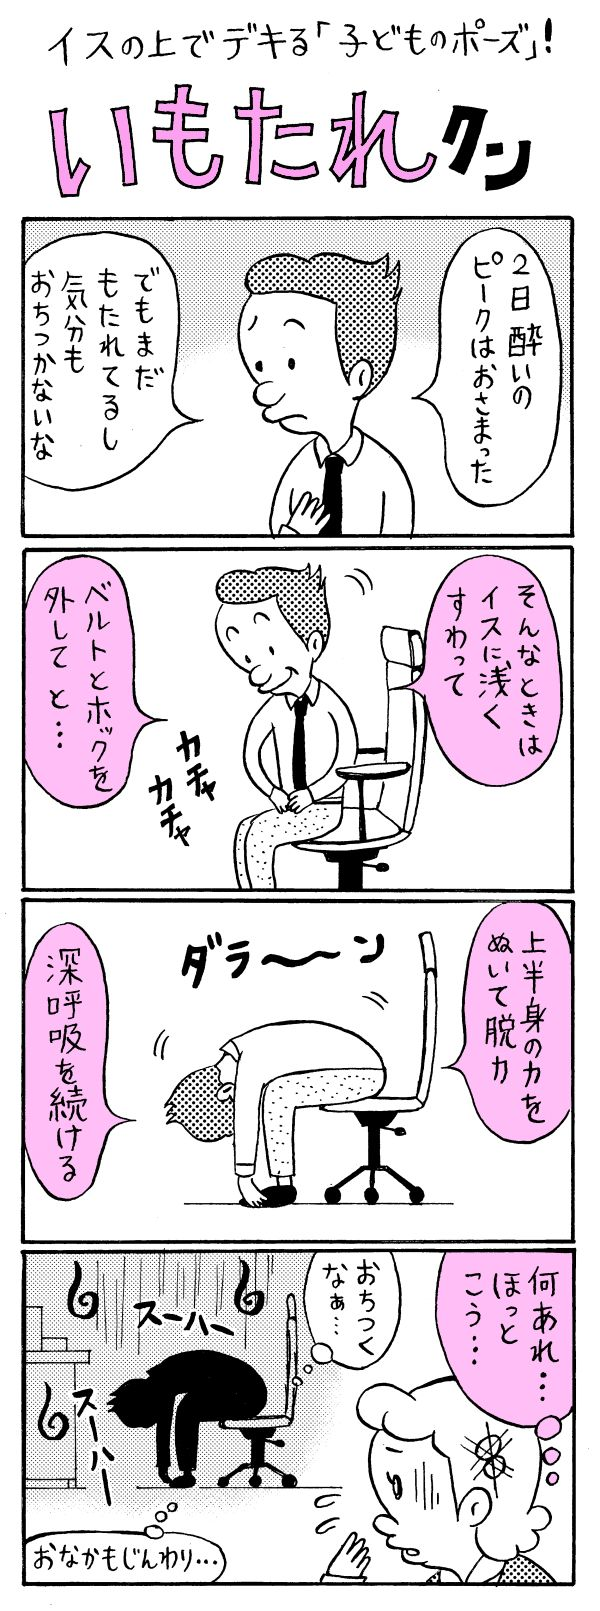 こどものポーズ(椅子ver 全身 リフレッシュ